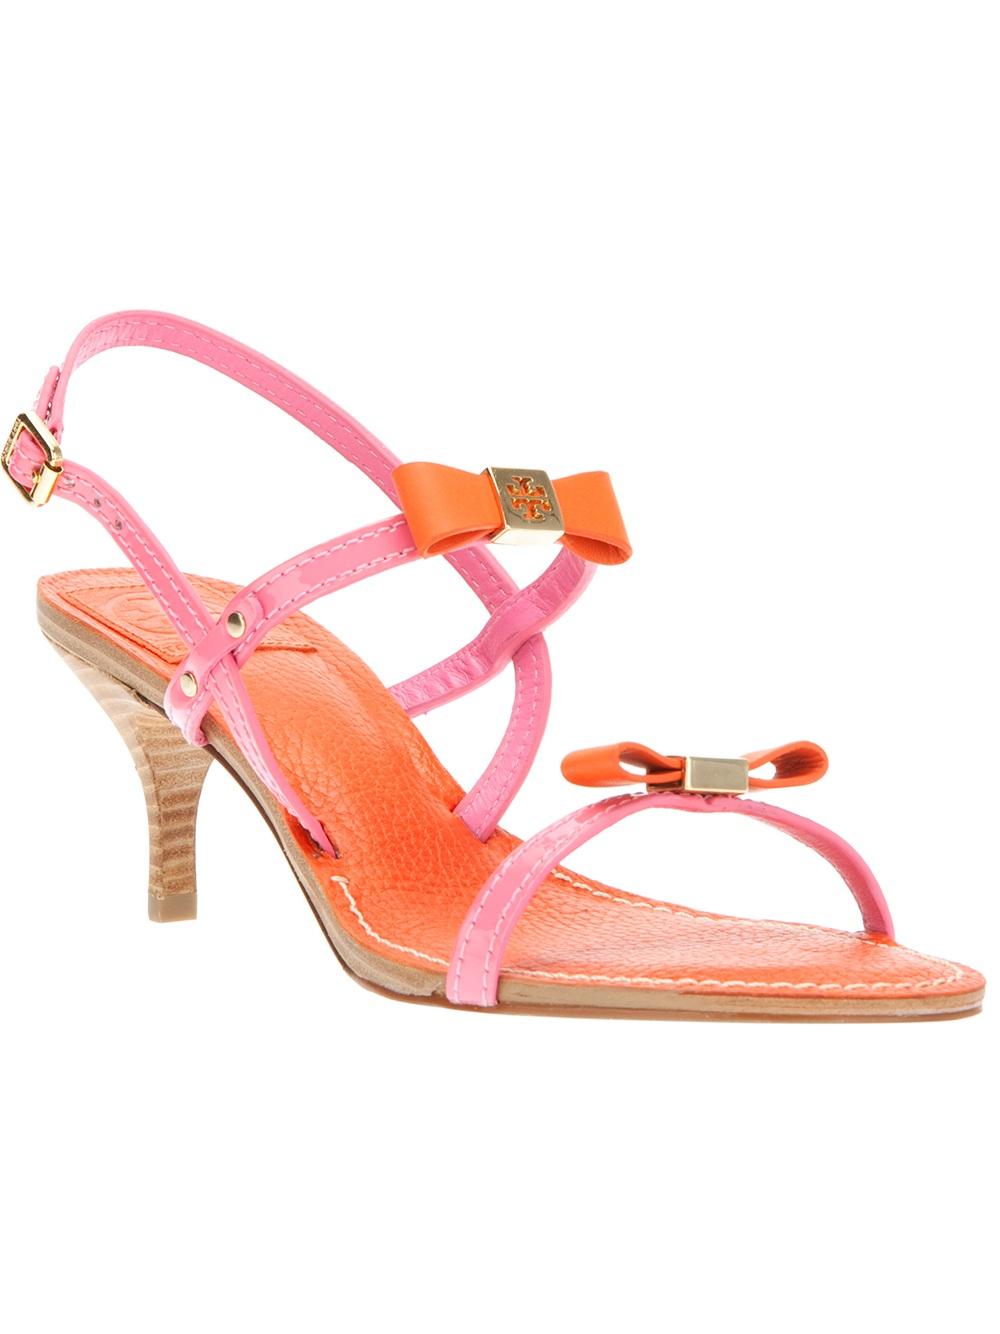 Lyst Tory Burch Bow Kitten Heel Sandal In Pink